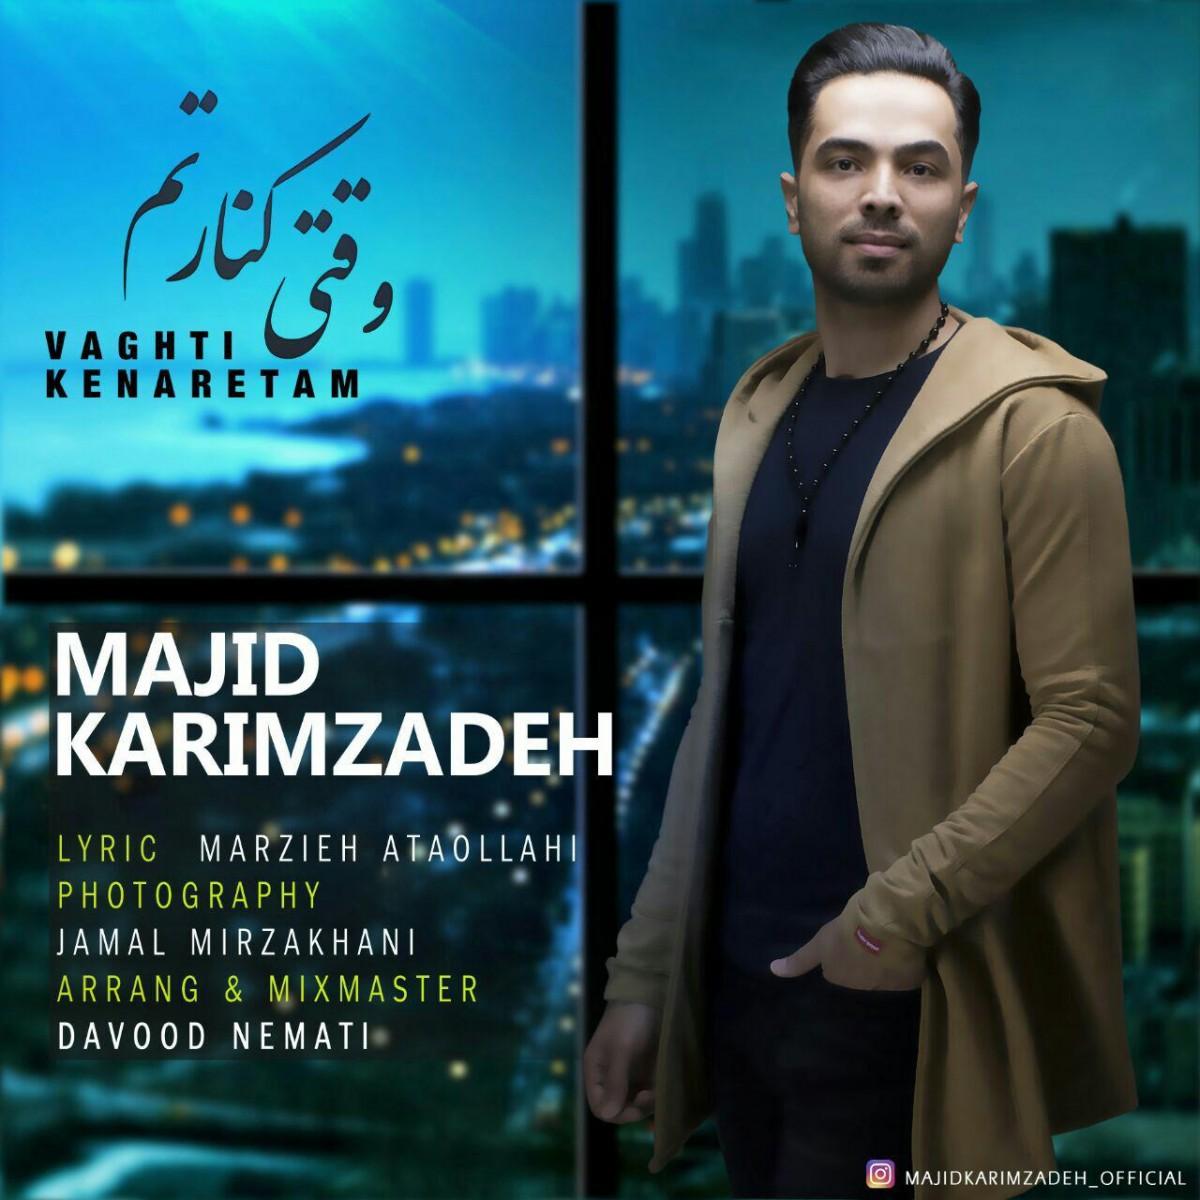 نامبر وان موزیک | دانلود آهنگ جدید Majid-Karimzadeh-Vaghti-Kenaretam_2